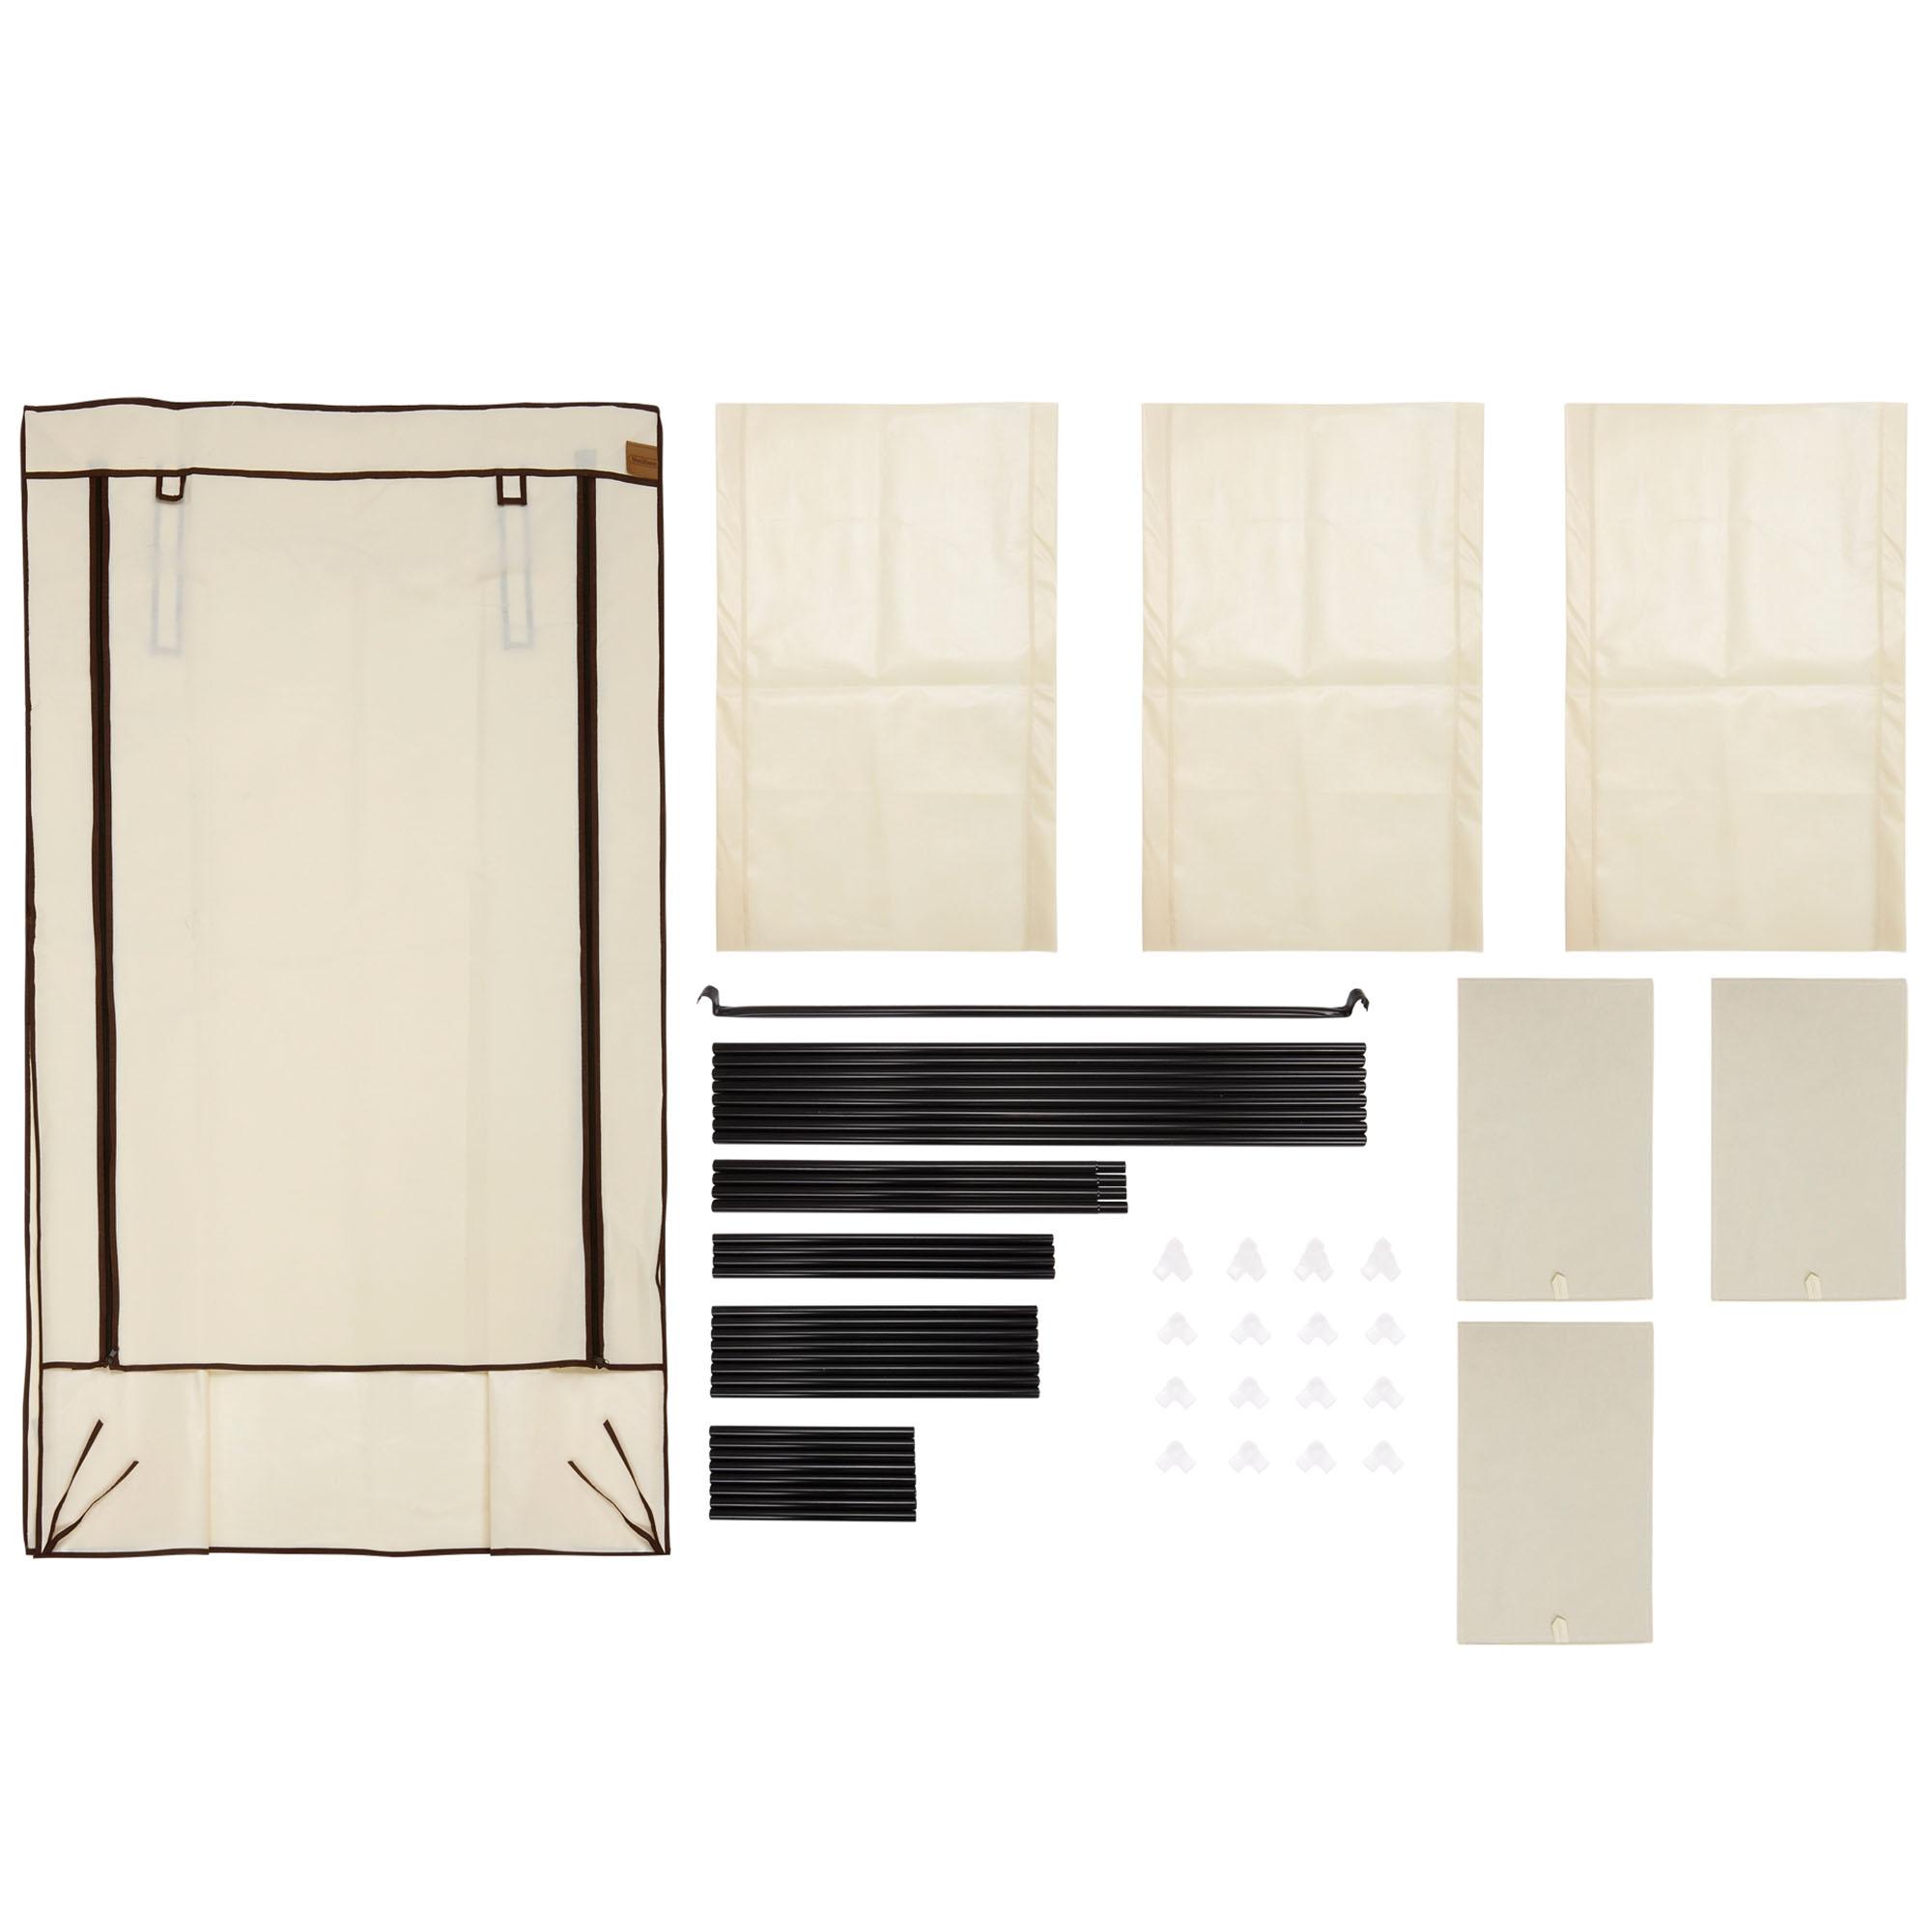 Canvas Storage Boxes For Wardrobes: VonHaus Beige Canvas Effect Wardrobe Strong Clothes Rail